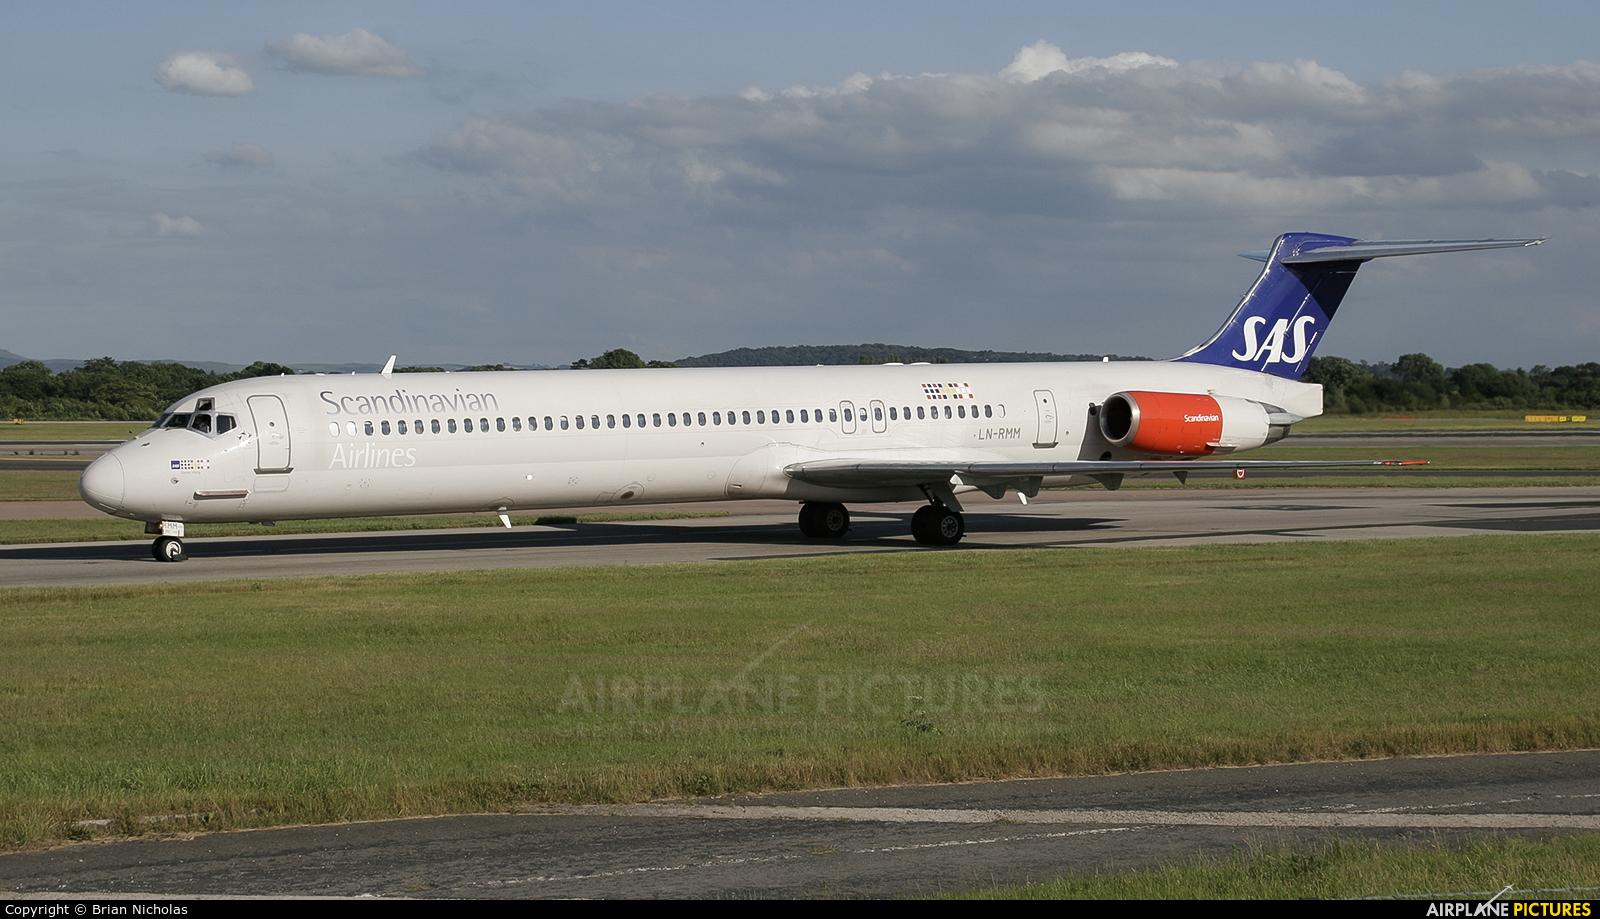 SAS - Scandinavian Airlines LN-RMM aircraft at Manchester